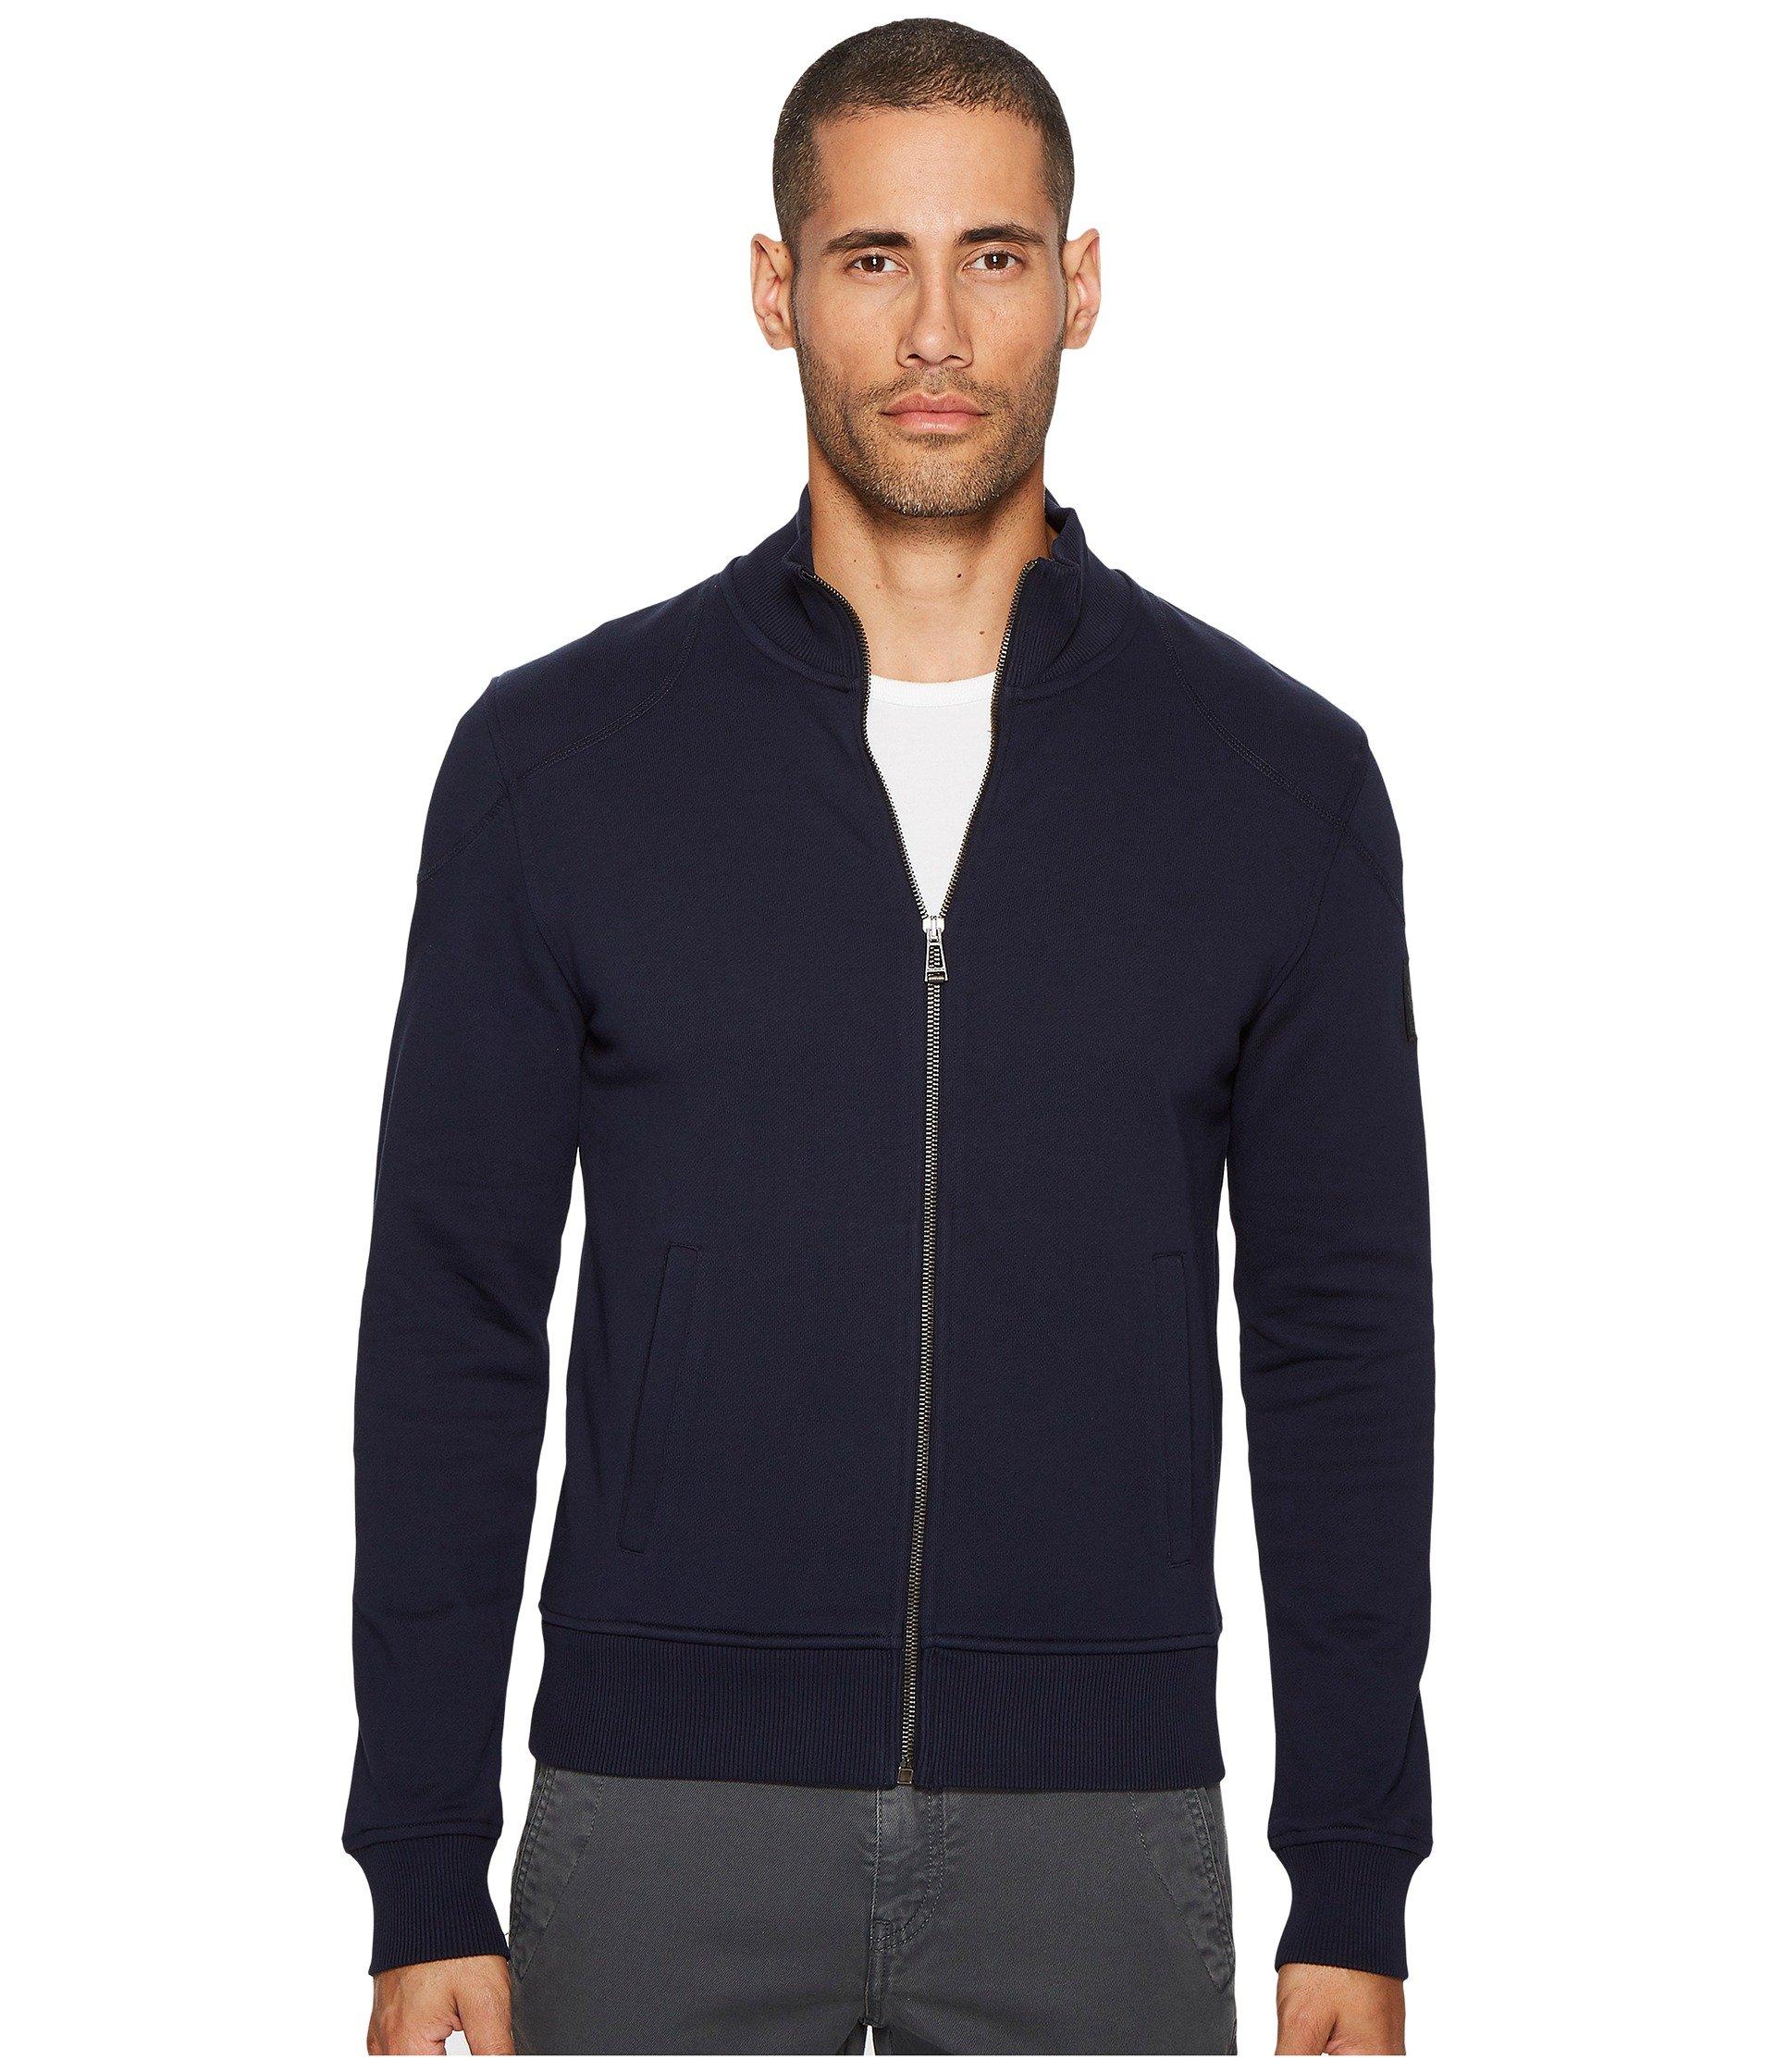 a5bfc82cc4c2 Belstaff Staplefield Fleece Zip-Up Sweatshirt In Navy